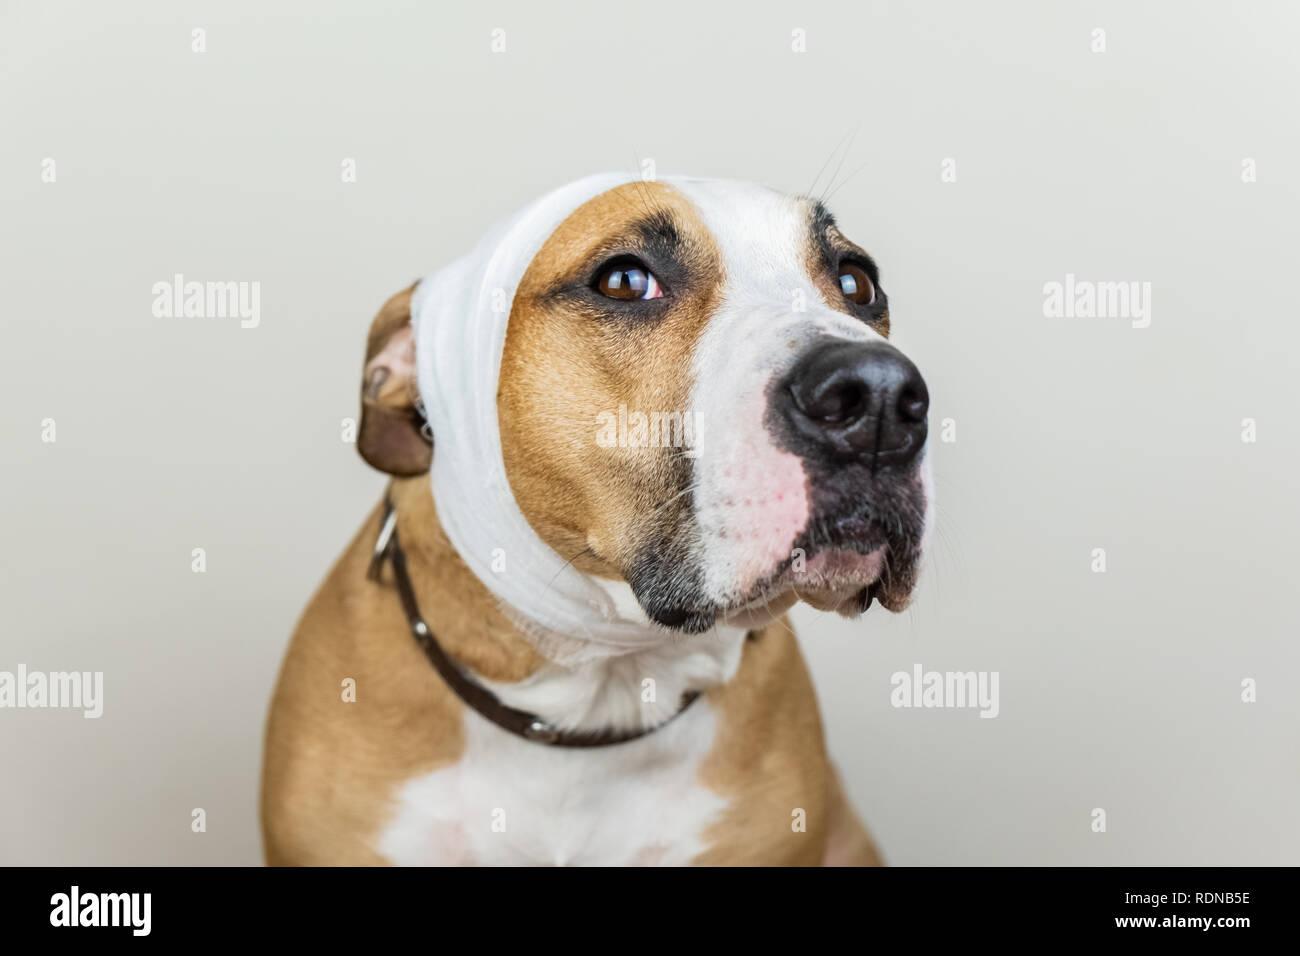 Malati o feriti il concetto di pet. Ritratto di cane con la testa fasciata a sfondo bianco Immagini Stock